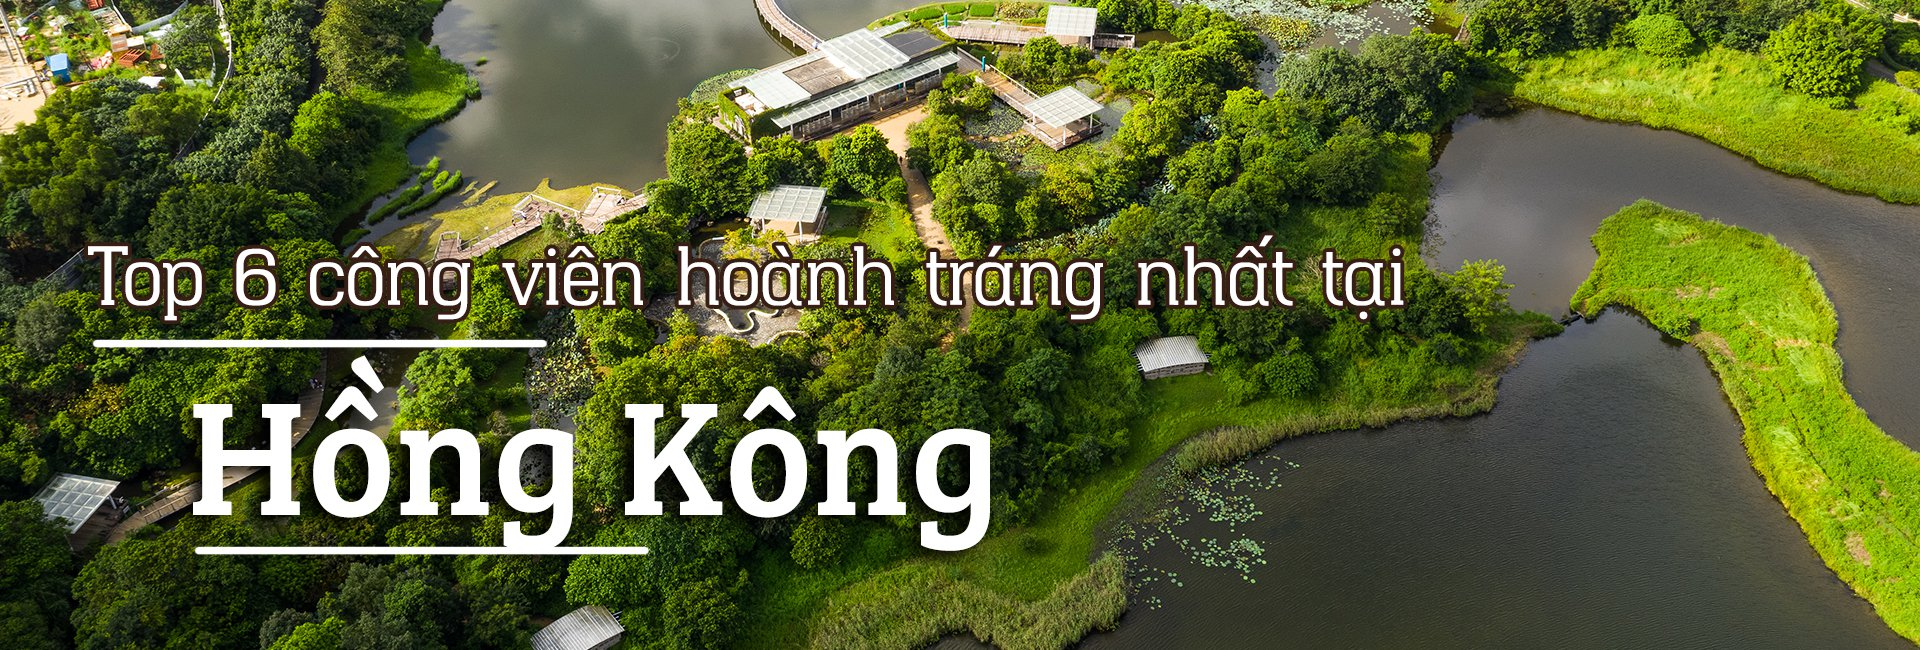 Top 6 công viên giải trí lớn nhất tại Hồng Kông